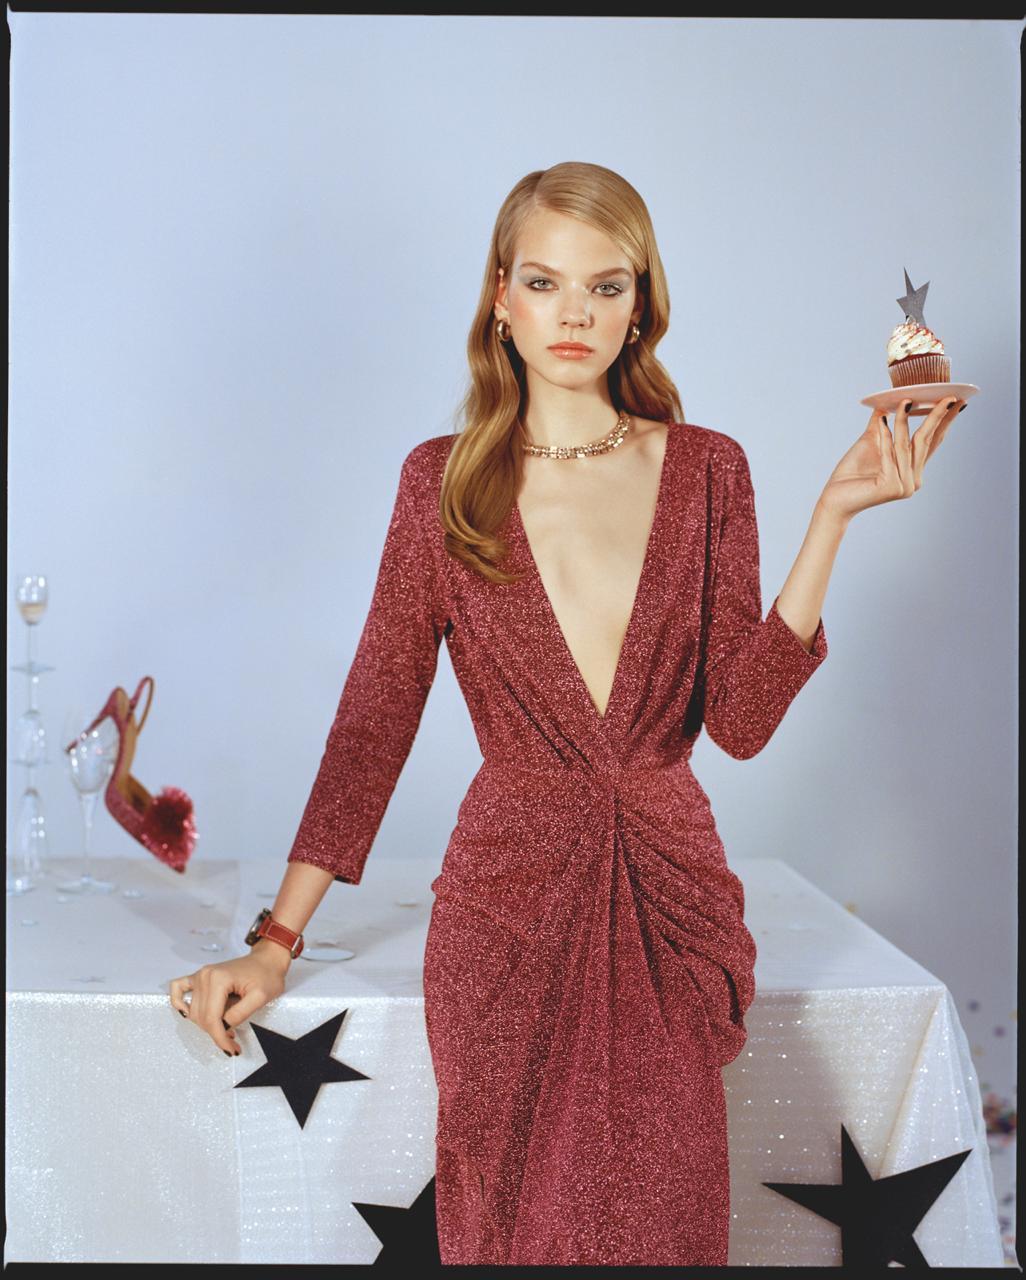 Платье A LA RUSSE в съемке для журнала GLAMOUR